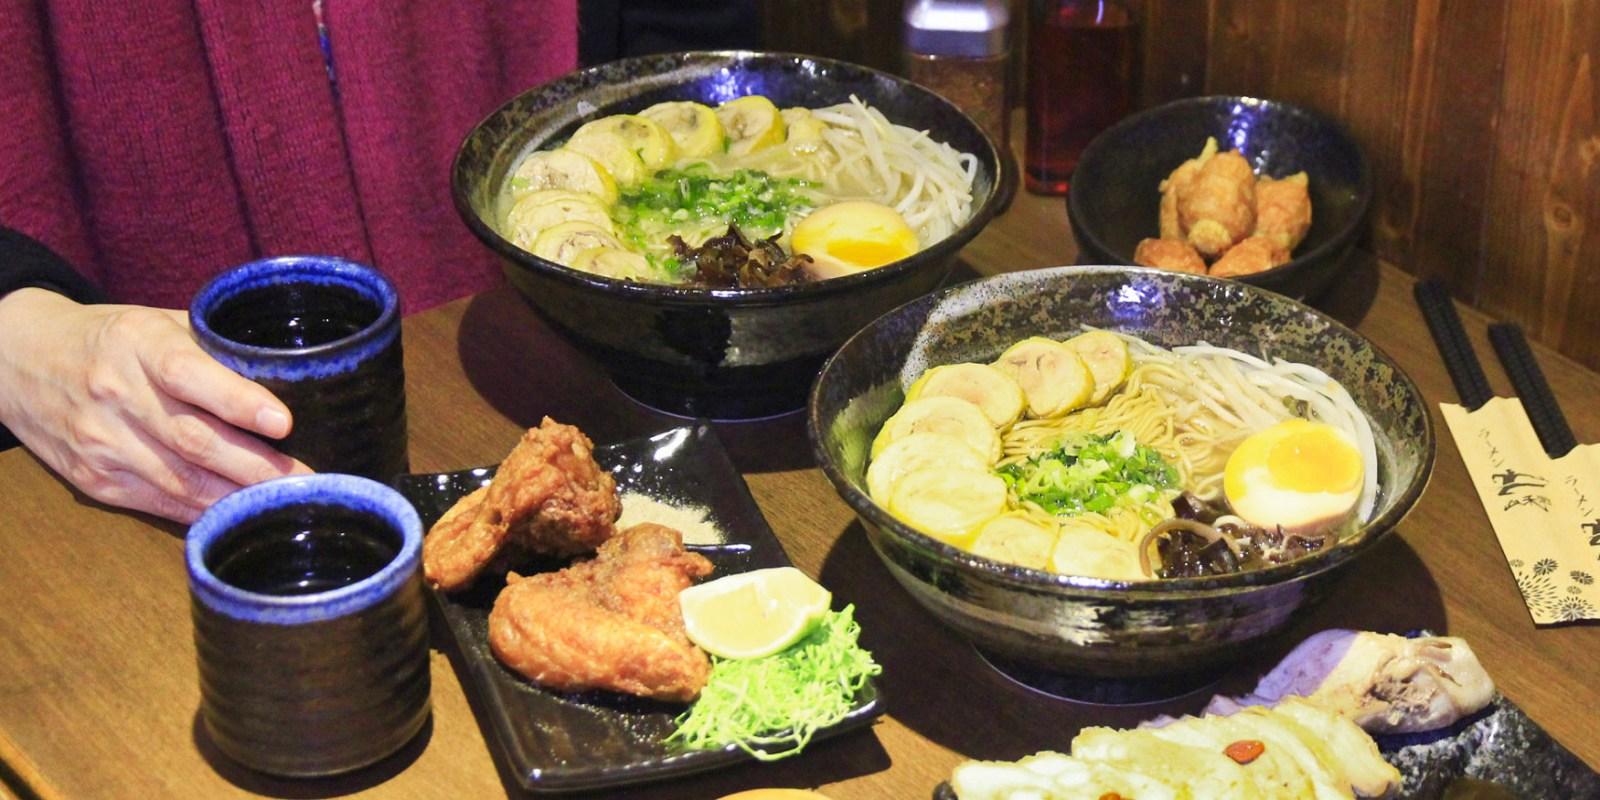 台南人氣日式美食「山禾堂拉麵」再出新招~雞肉版叉燒拉麵新登場!